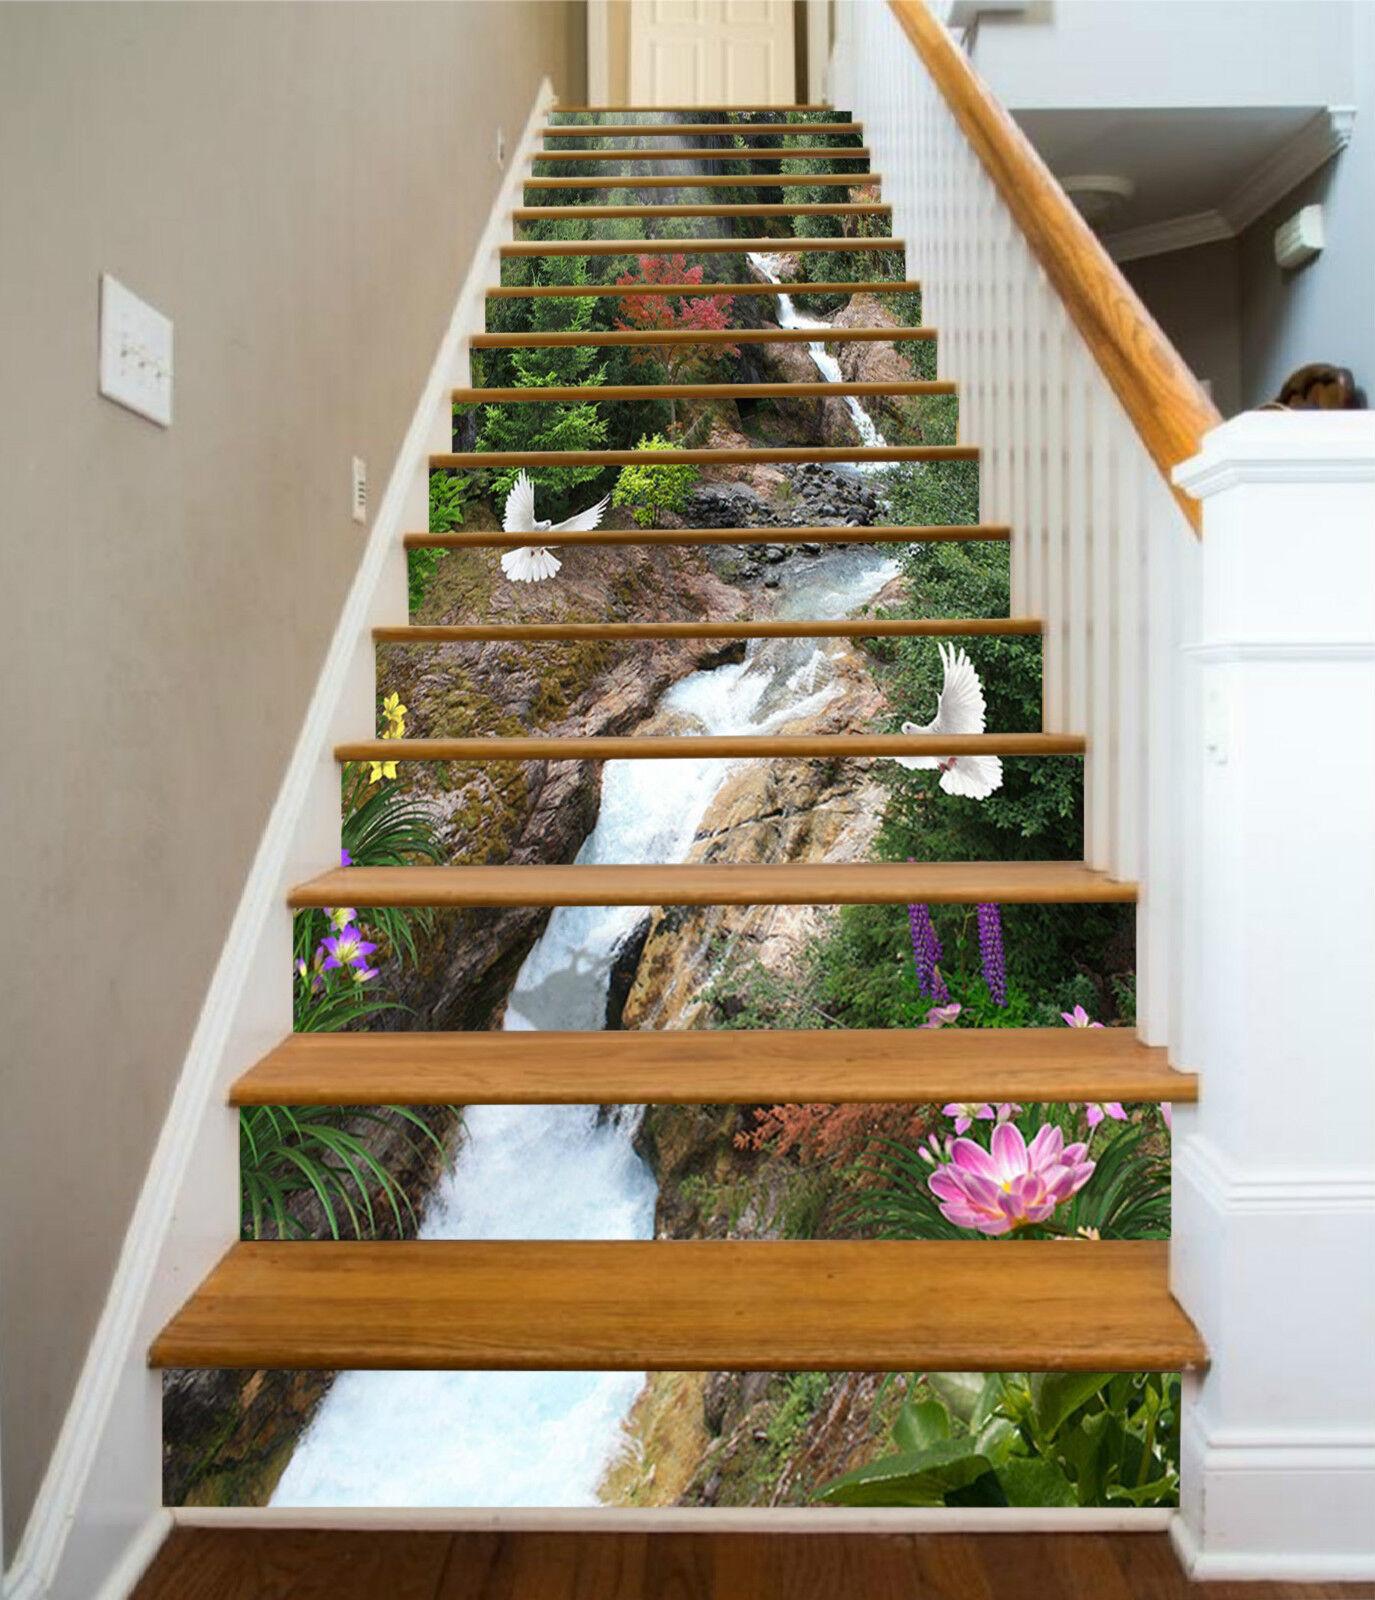 3D Bach Vögel 205 Stair Risers Dekoration Fototapete Vinyl Aufkleber Tapete DE